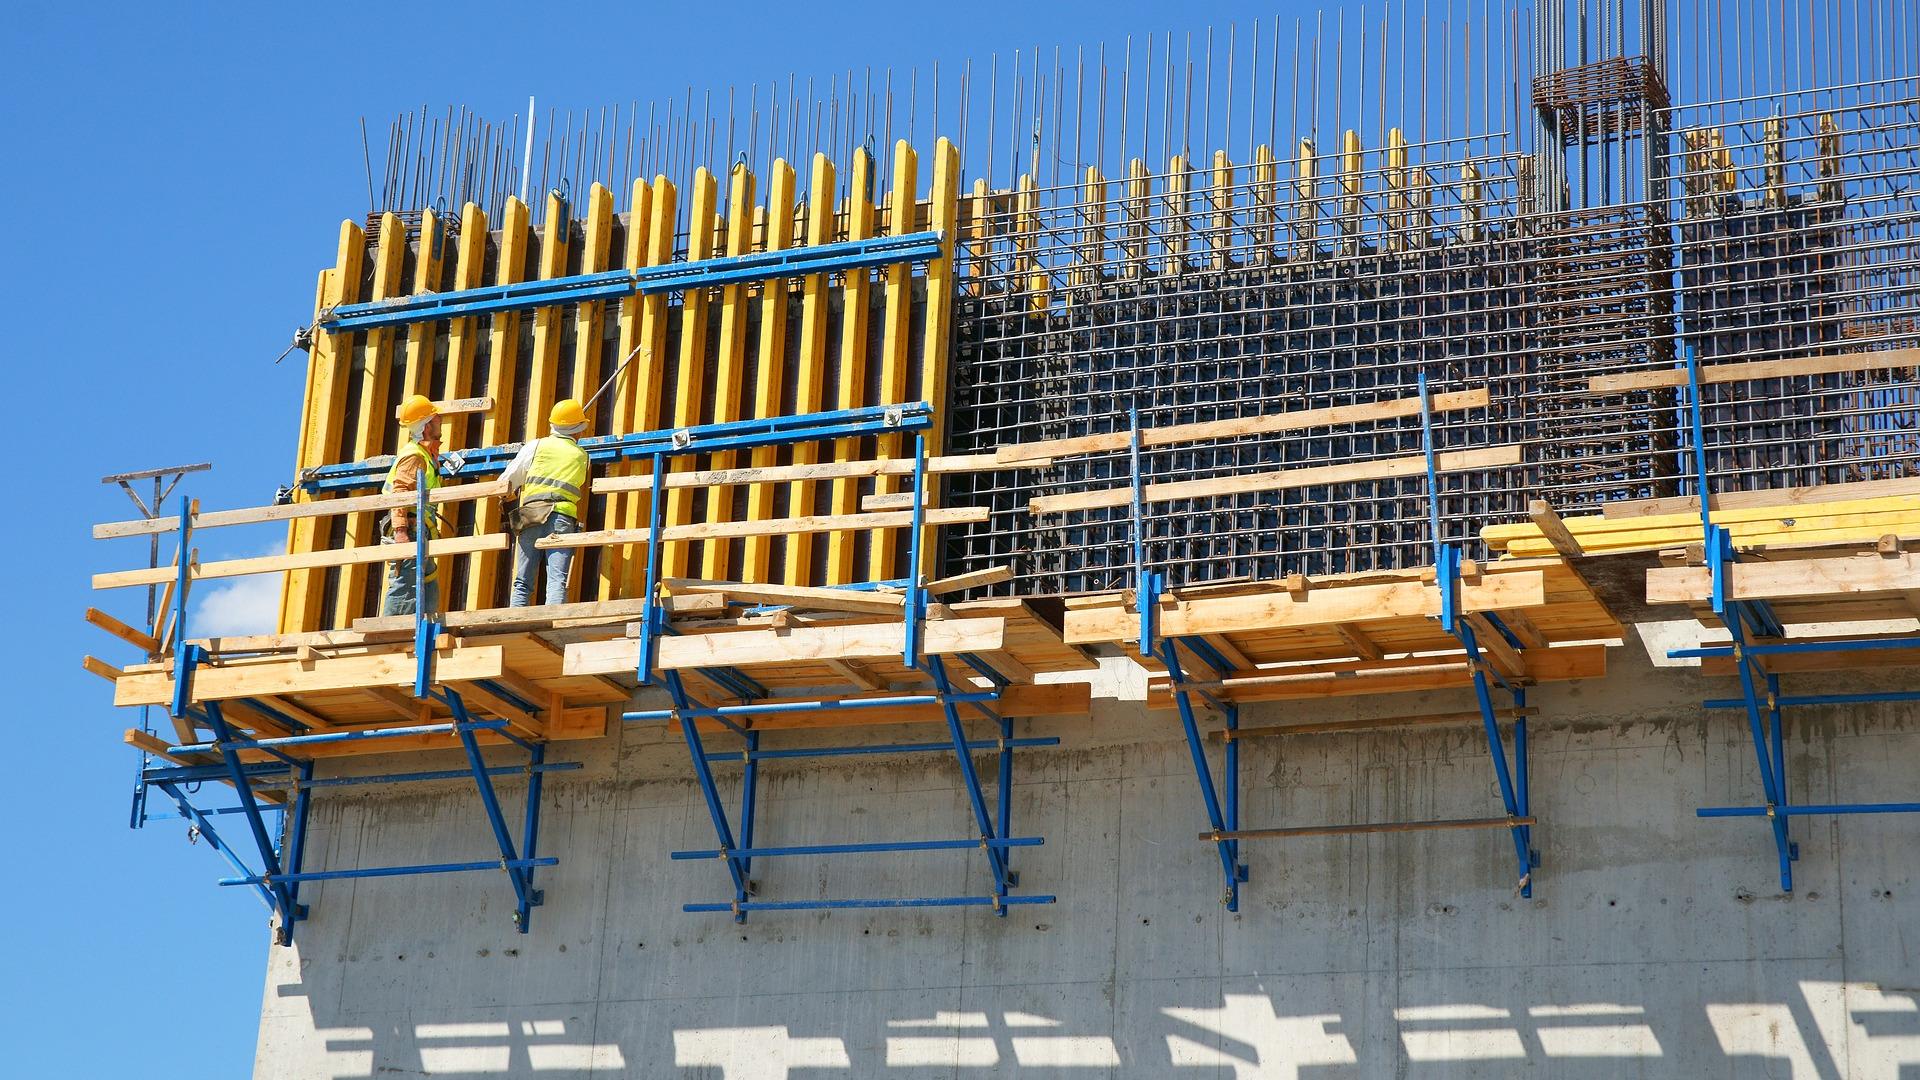 (Teräs)betoni on yleistynyt rakennusmateriaalina laajalti, koska betoni kestää puristusta ja teräs vetoa sekä materiaalia on saatavilla yleisesti